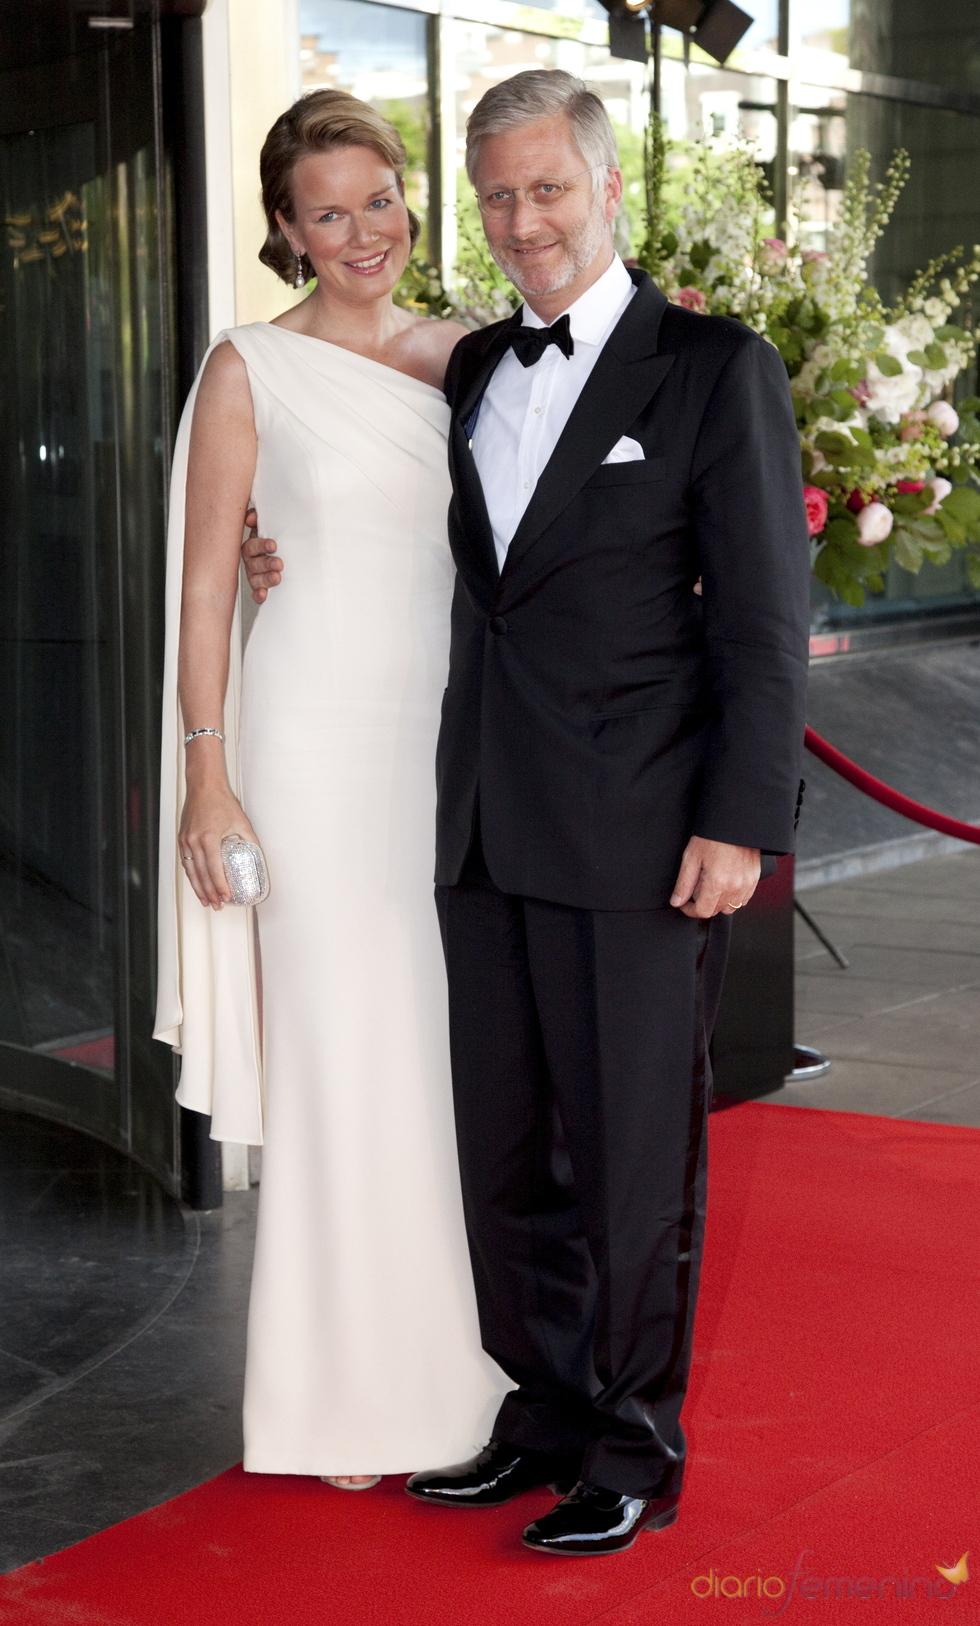 Los príncipes Phillipe y Mathilde de Bélgica en el cumpleaños de Máxima de Holanda